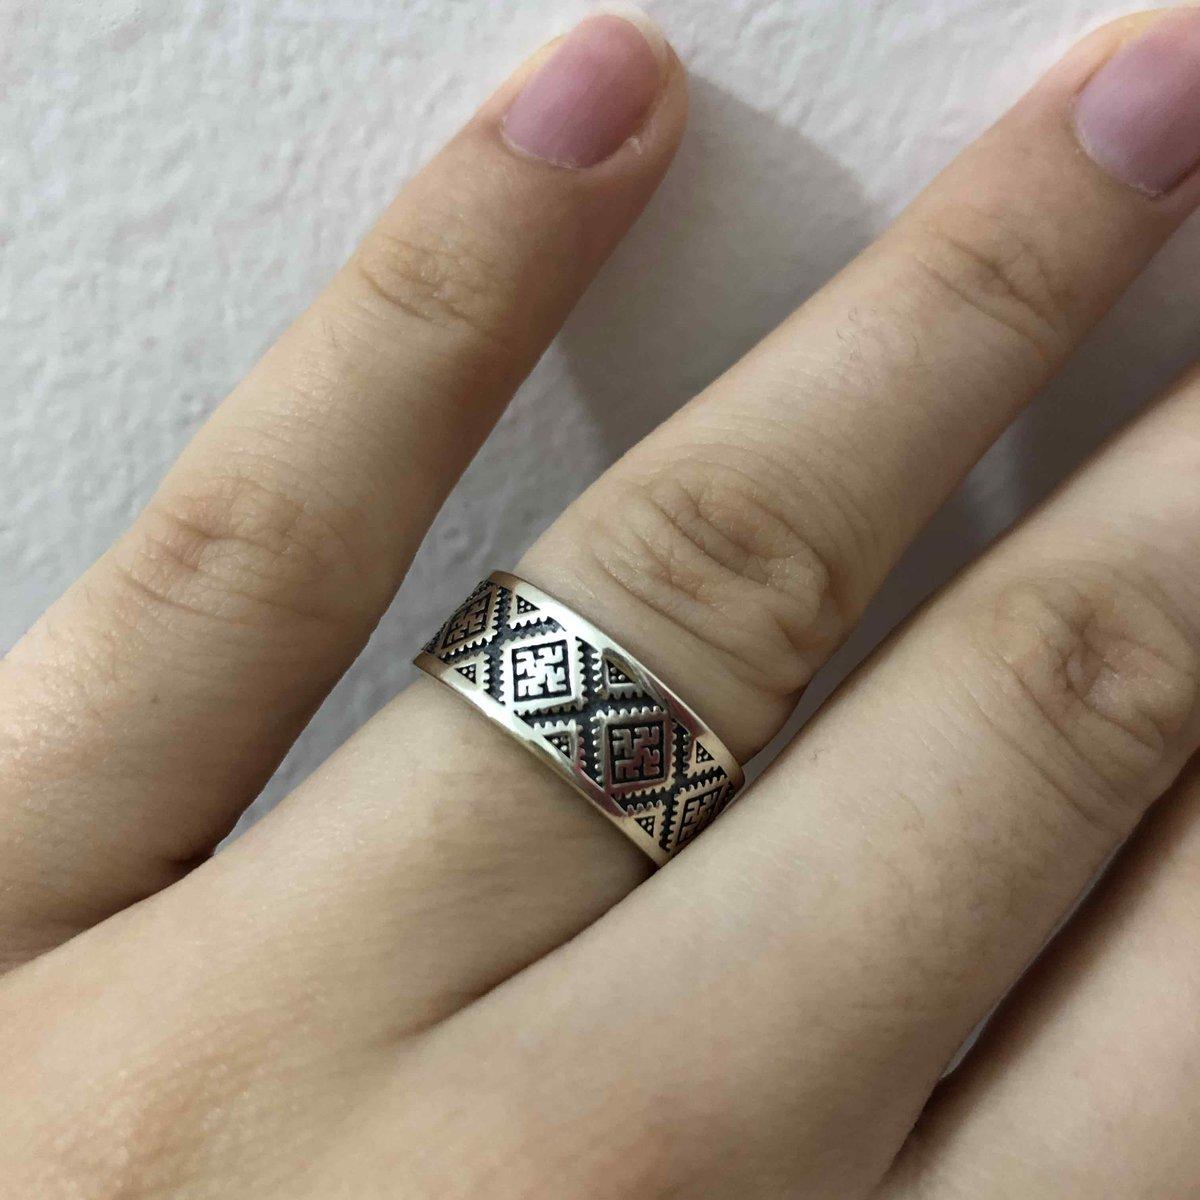 Размер 18, качественное, красивое кольцо.